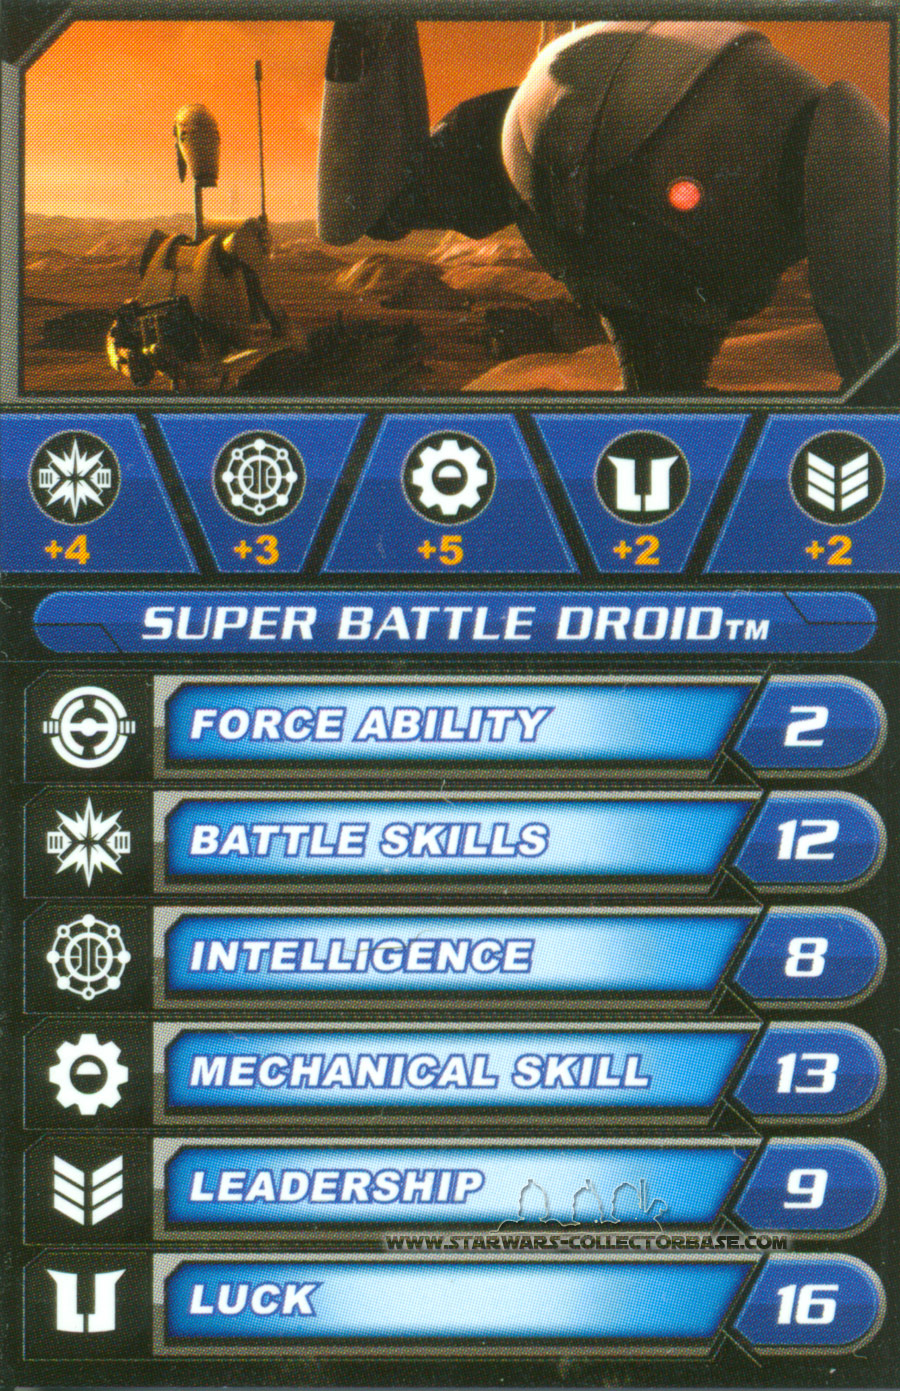 Super Battle Droid CW16 TCW